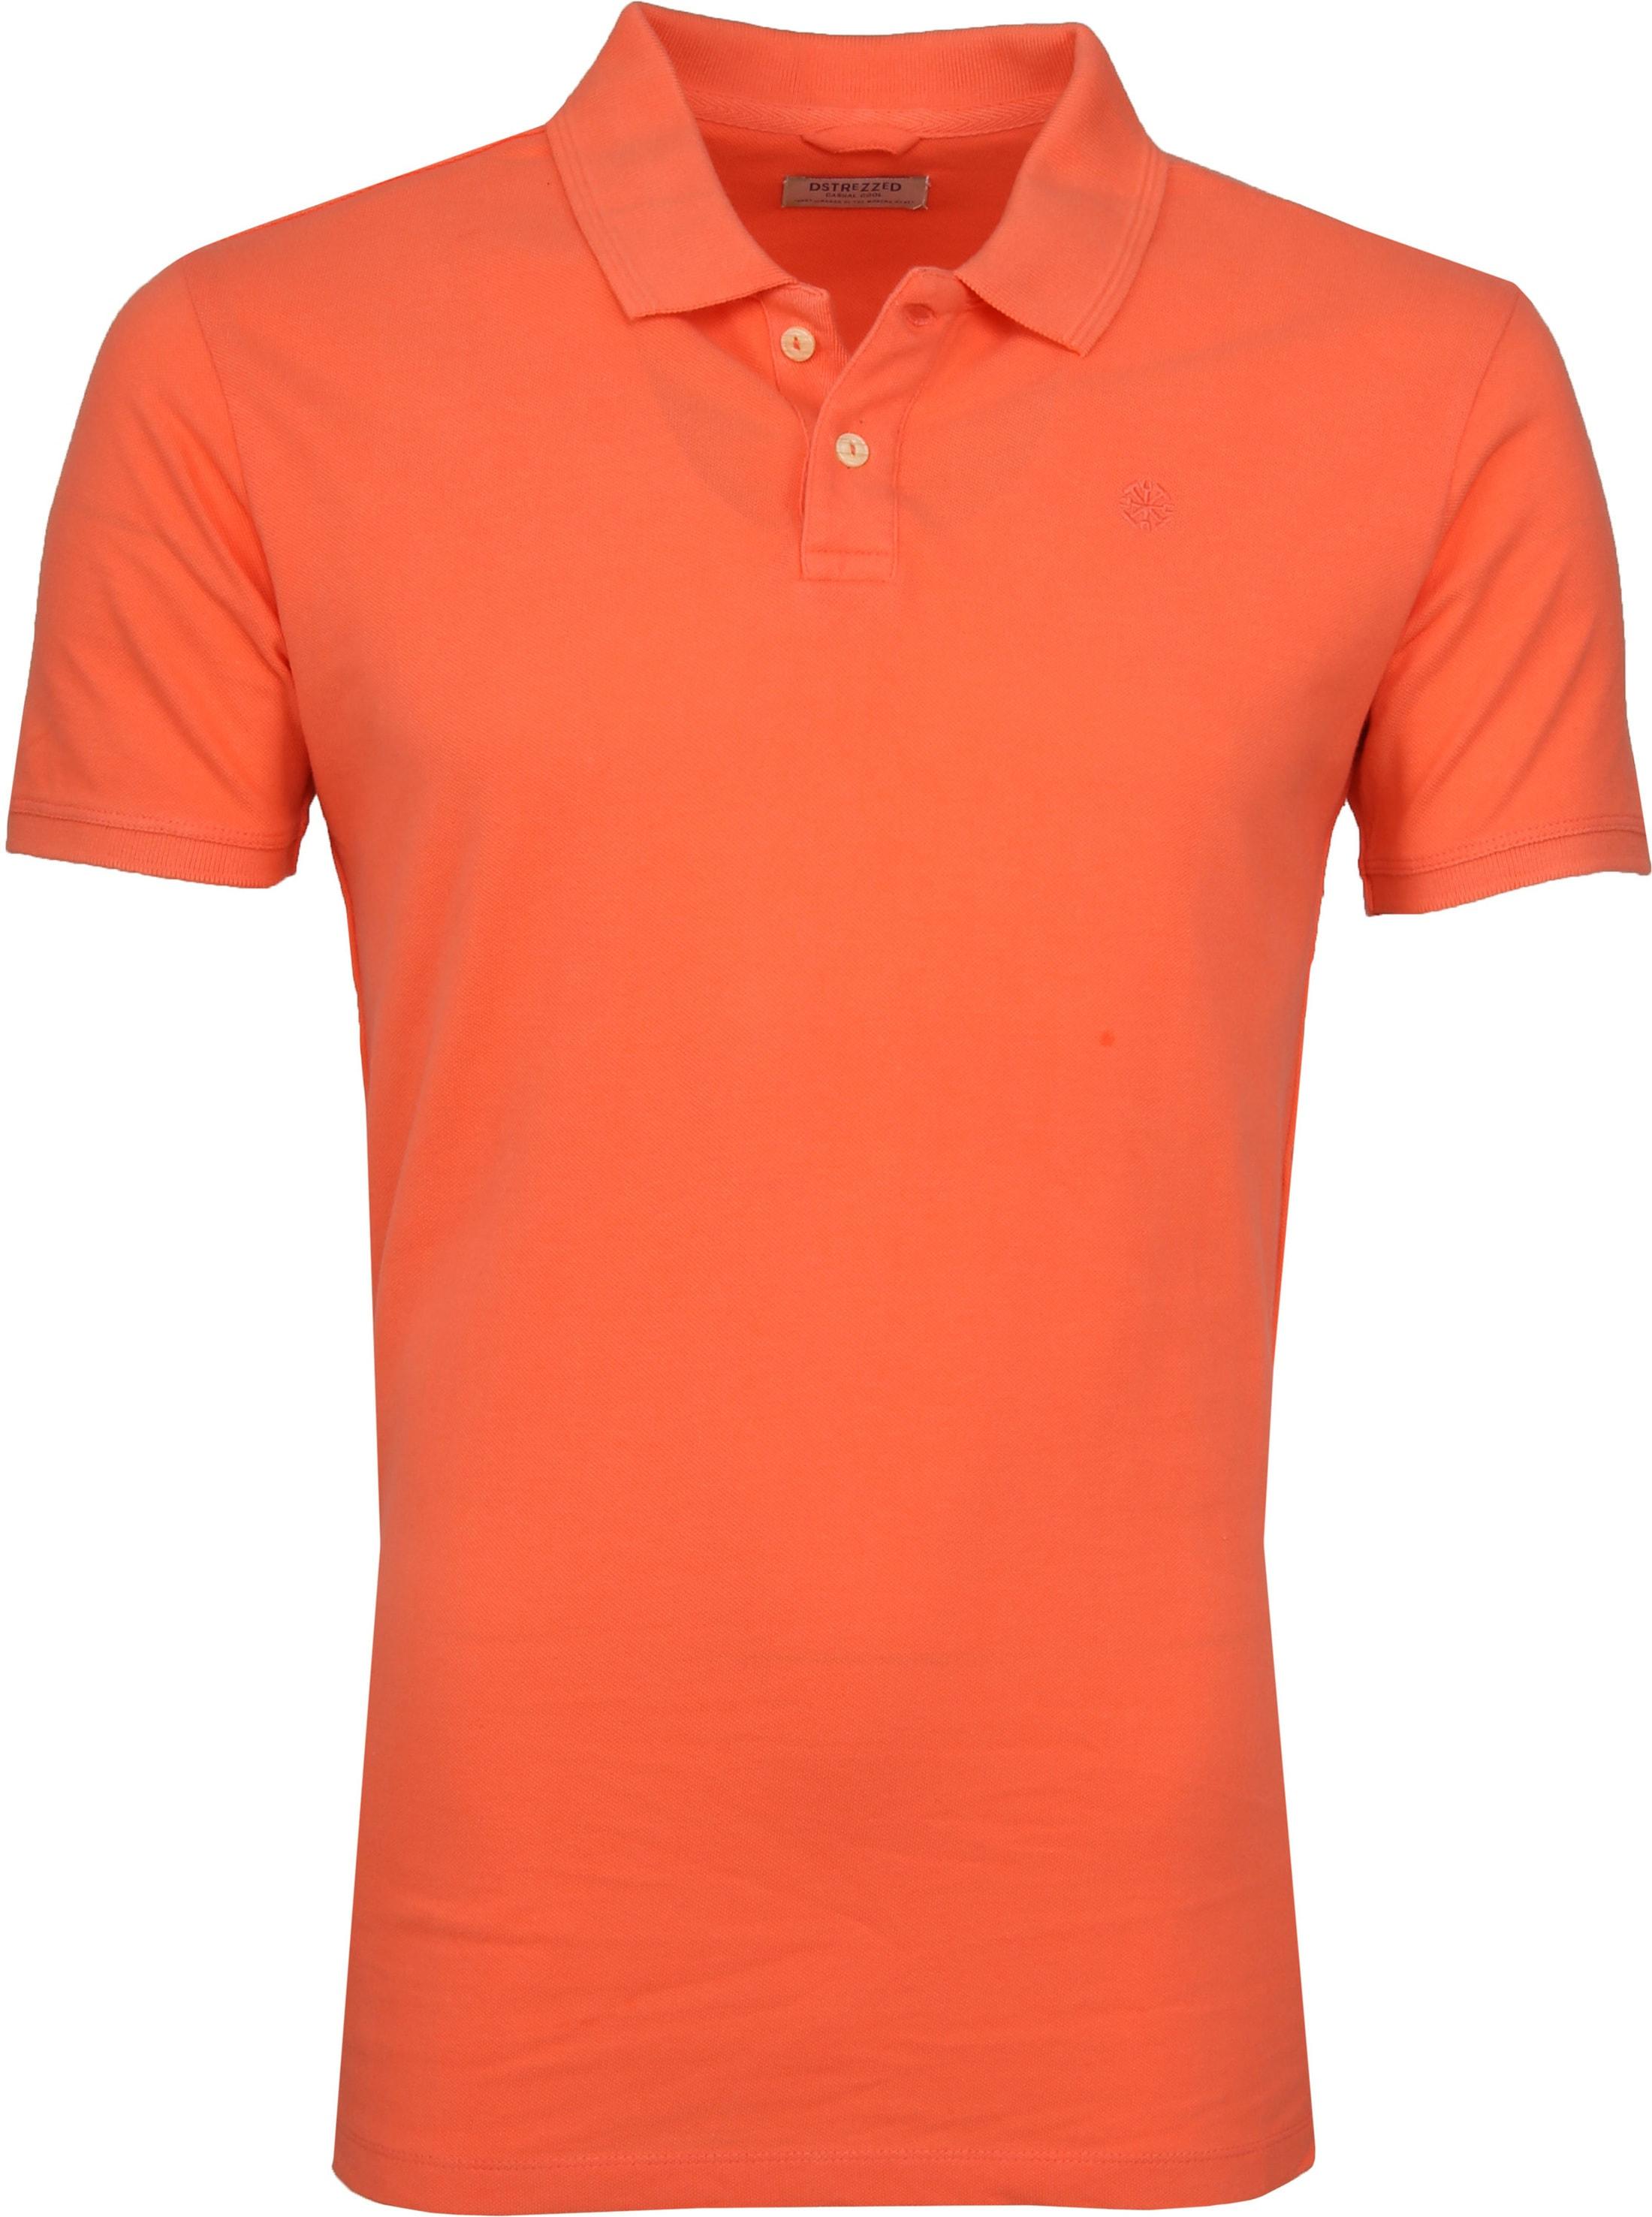 Dstrezzed Bowie Poloshirt Orange foto 0